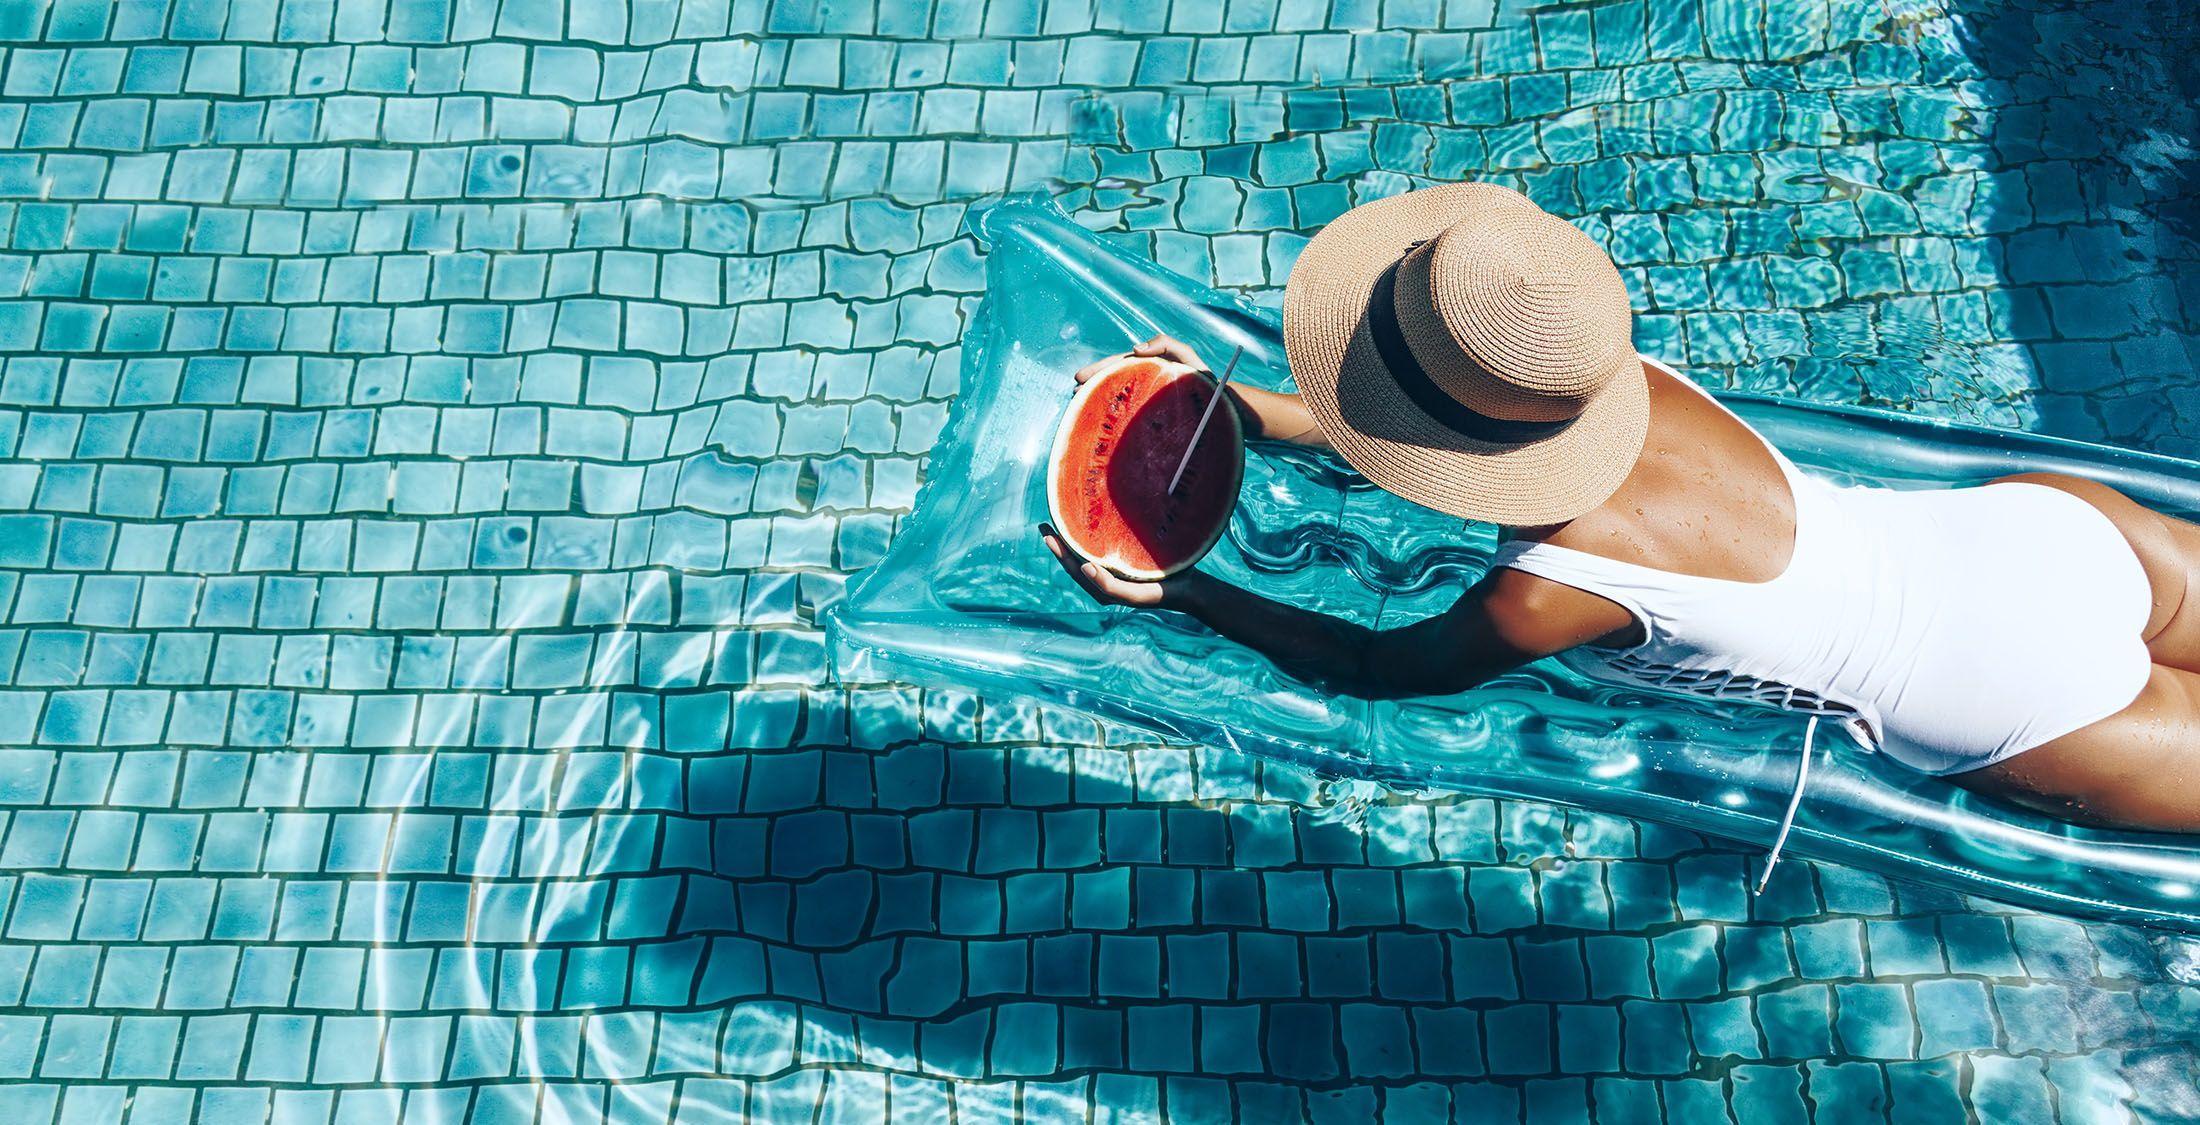 woman on raft in swimming pool